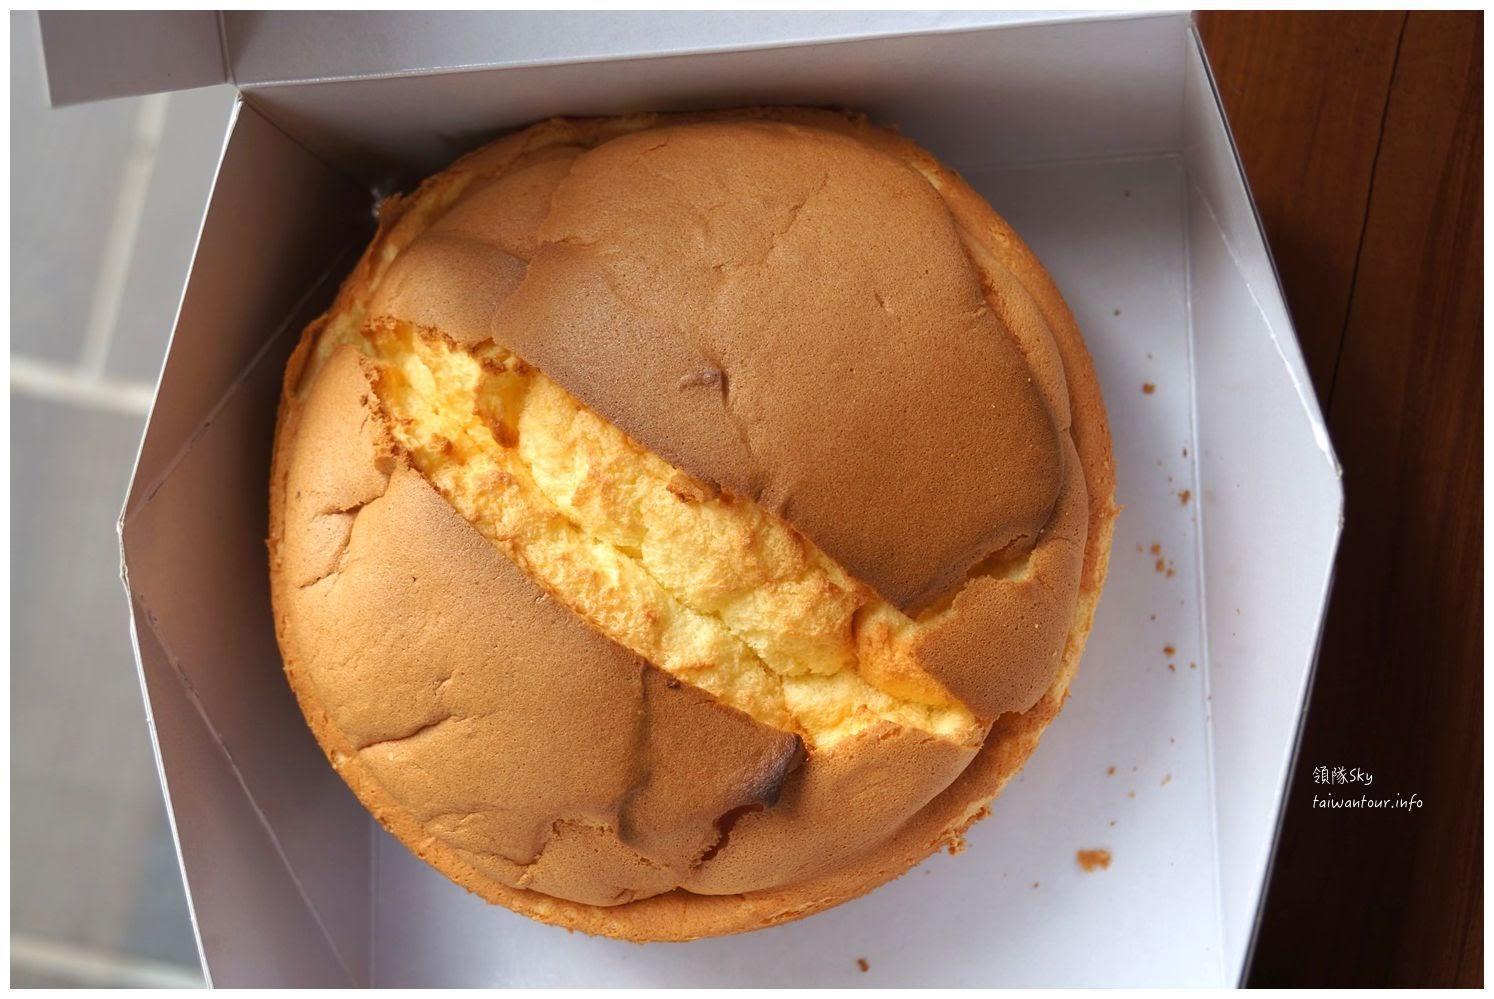 新竹美食推薦-好吃的傳統蛋糕【村上布丁蛋糕店】(食尚玩家推薦) | 跟著領隊sky玩。一日遊.美食.親子.景點.住宿